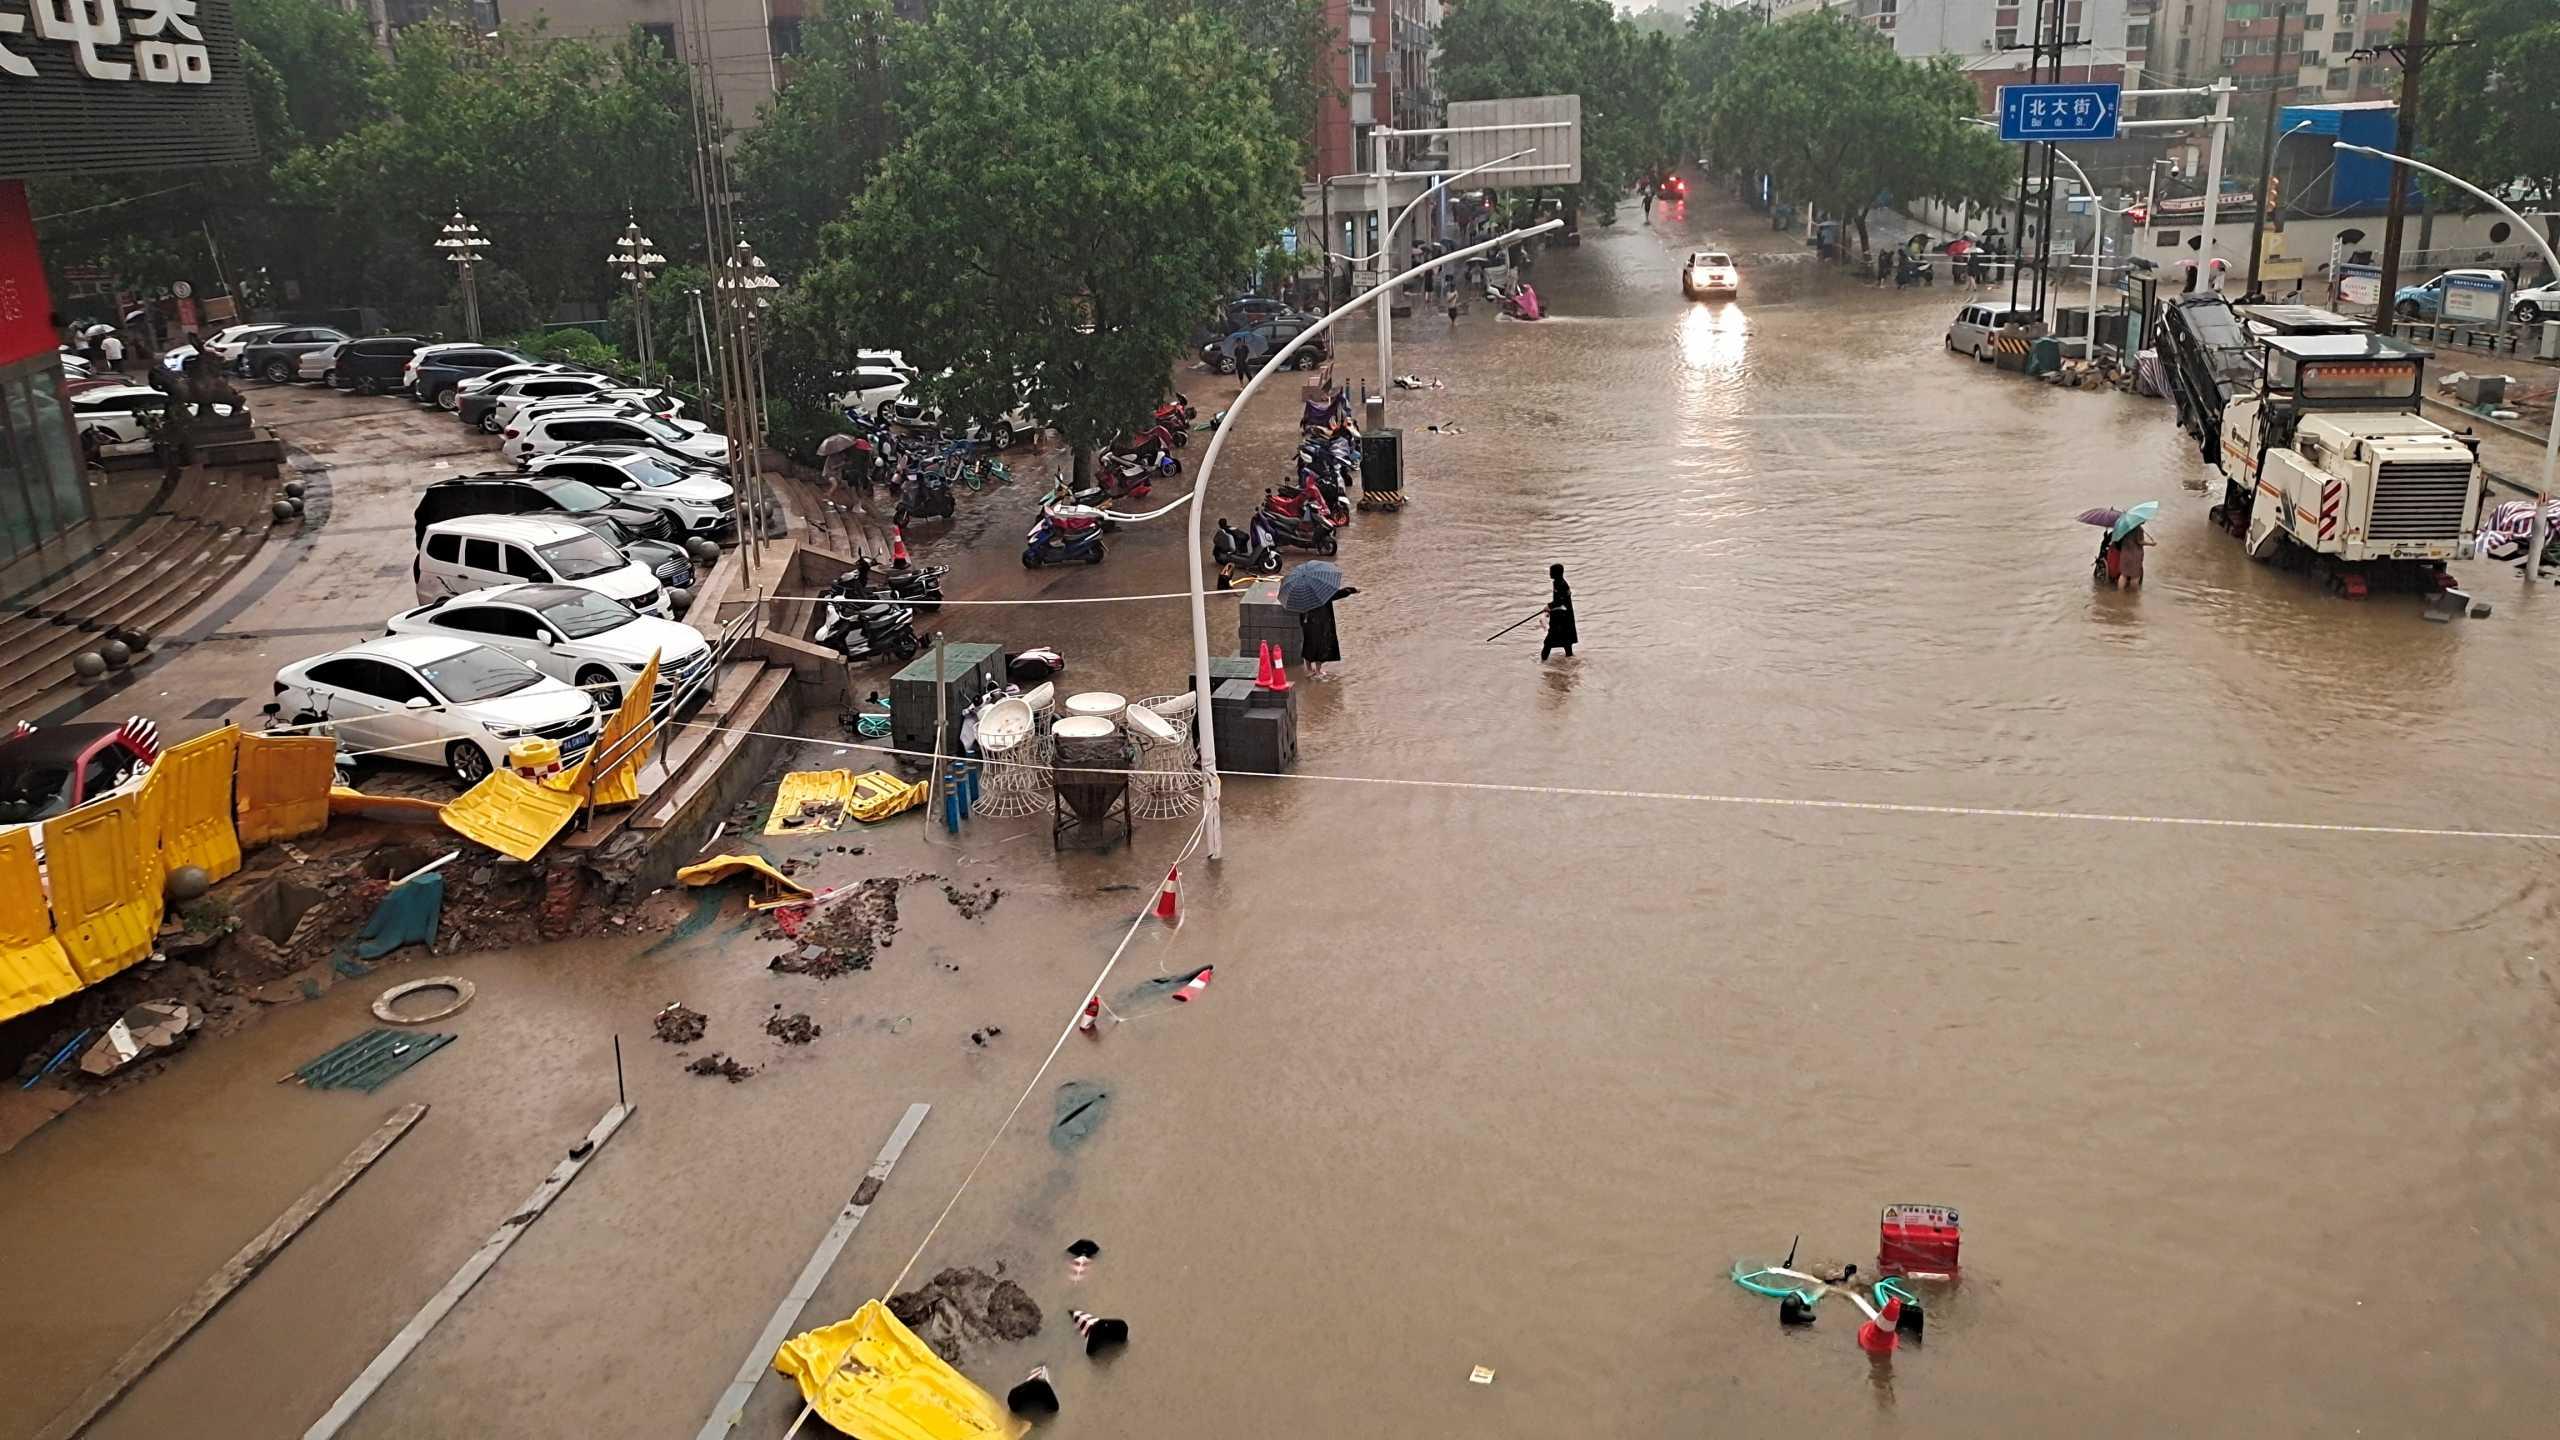 Κίνα: Παρακαλούσαν μέσω social media για βοήθεια λίγο πριν τους πνίξει το νερό στο μετρό